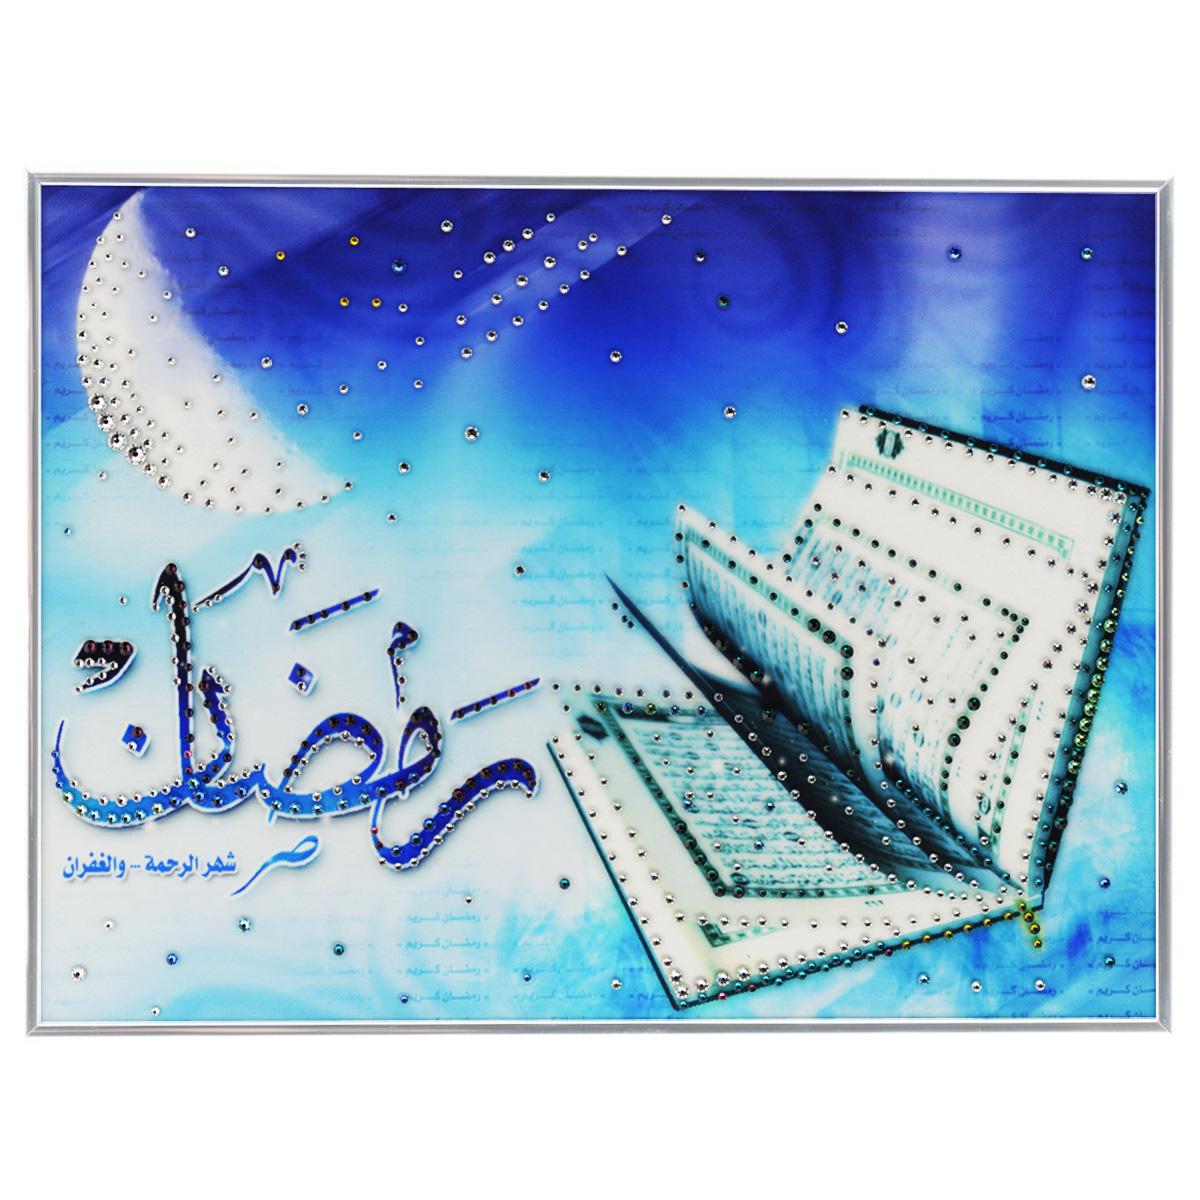 Картина с кристаллами Swarovski Изумрудный коран, 40 х 30 смPM-3001Изящная картина в металлической раме, инкрустирована кристаллами Swarovski, которые отличаются четкой и ровной огранкой, ярким блеском и чистотой цвета. Красочное изображение изумрудной книги - Коран, расположенное под стеклом, прекрасно дополняет блеск кристаллов. С обратной стороны имеется металлическая петелька для размещения картины на стене. Картина с кристаллами Swarovski Изумрудный Коран элегантно украсит интерьер дома или офиса, а также станет прекрасным подарком, который обязательно понравится получателю. Блеск кристаллов в интерьере, что может быть сказочнее и удивительнее. Картина упакована в подарочную картонную коробку синего цвета и комплектуется сертификатом соответствия Swarovski.